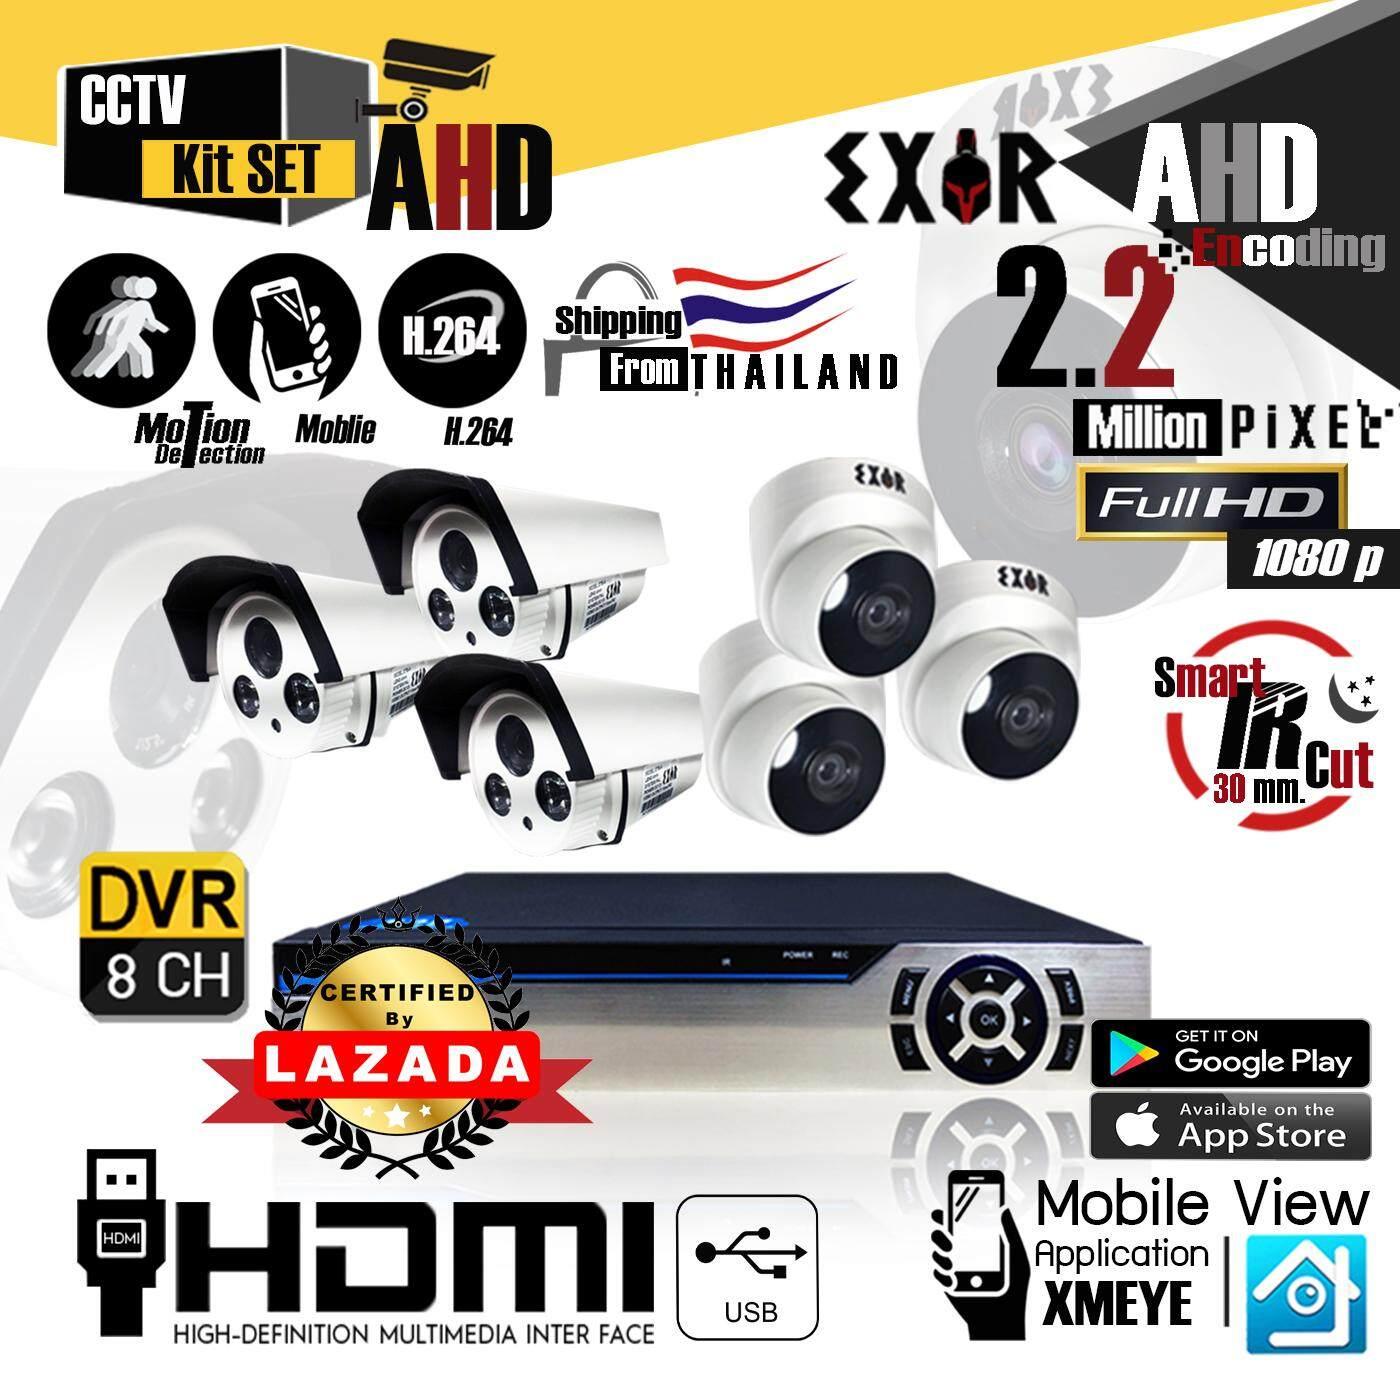 ขอถามคนที่ใช้ ชุดกล้องวงจรปิด EXIR CCTV 8CH AHD Kit Set 2.2 ล้านพิกเซล Full HD 1080P กล้อง 6 ตัว ทรงกระบอก และ โดม 1 ตา เลนส์ 4mm IR cut / Night vision และ เครื่องบันทึก Full HD DVR 8 CH 6 in 1 DIUS ( DTR-AFS1080B08BN ) กล้องวงจรปิดที่คมชัดที่สุด